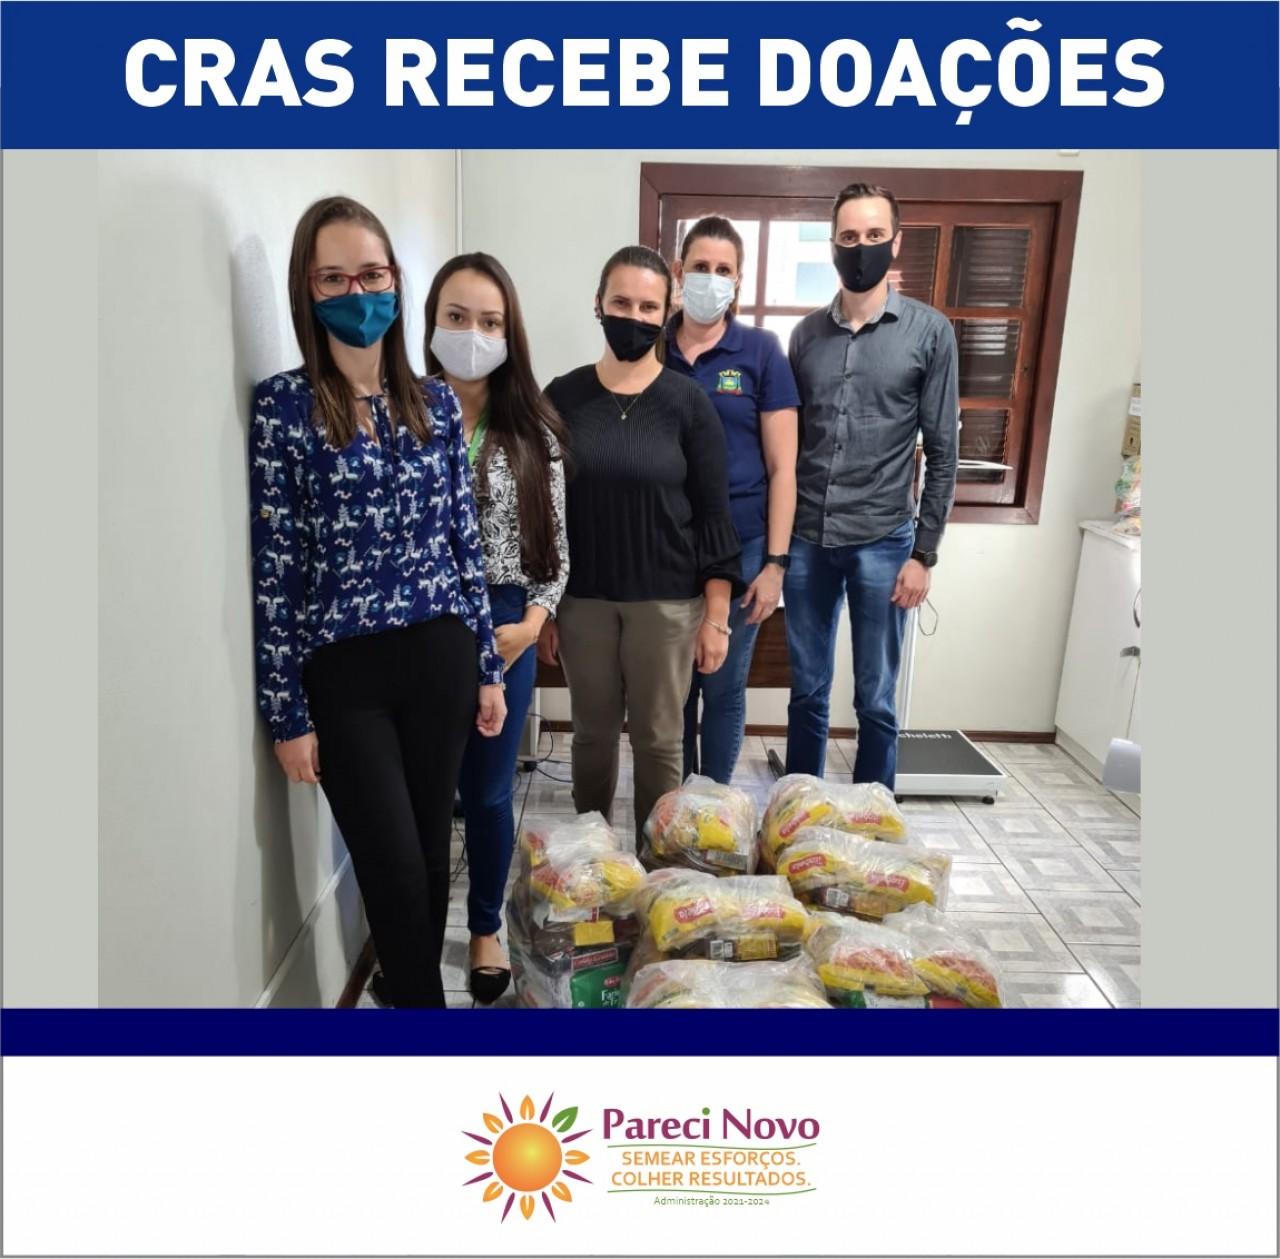 CRAS recebe doação